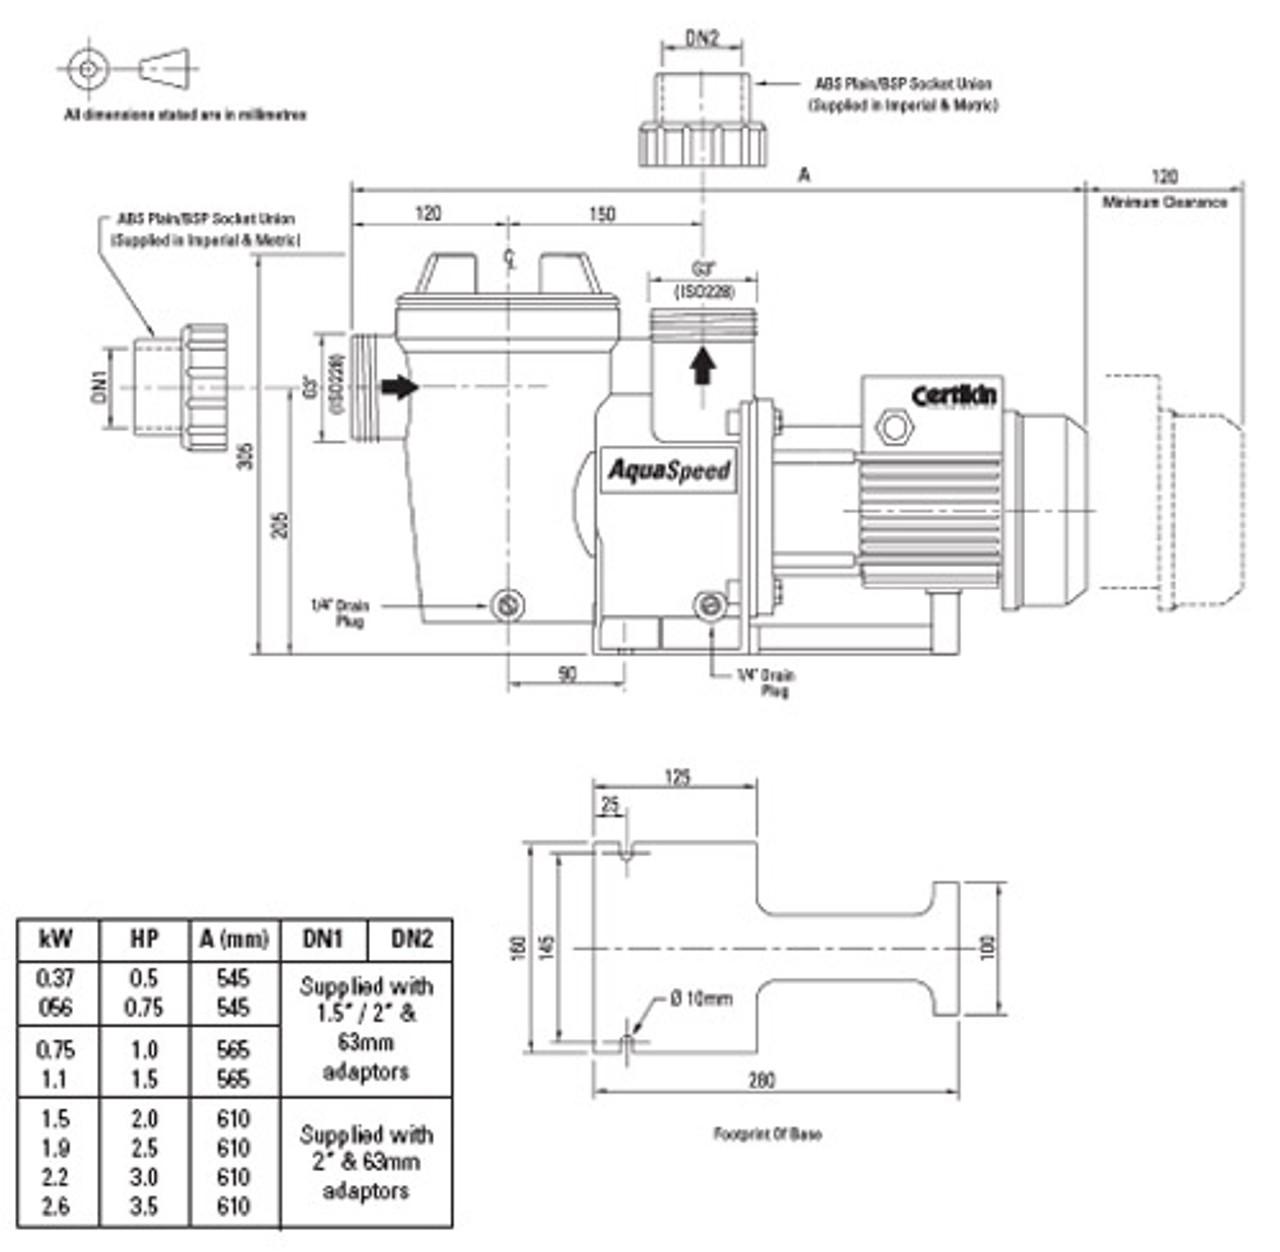 Certikin Aqua Speed Diagram